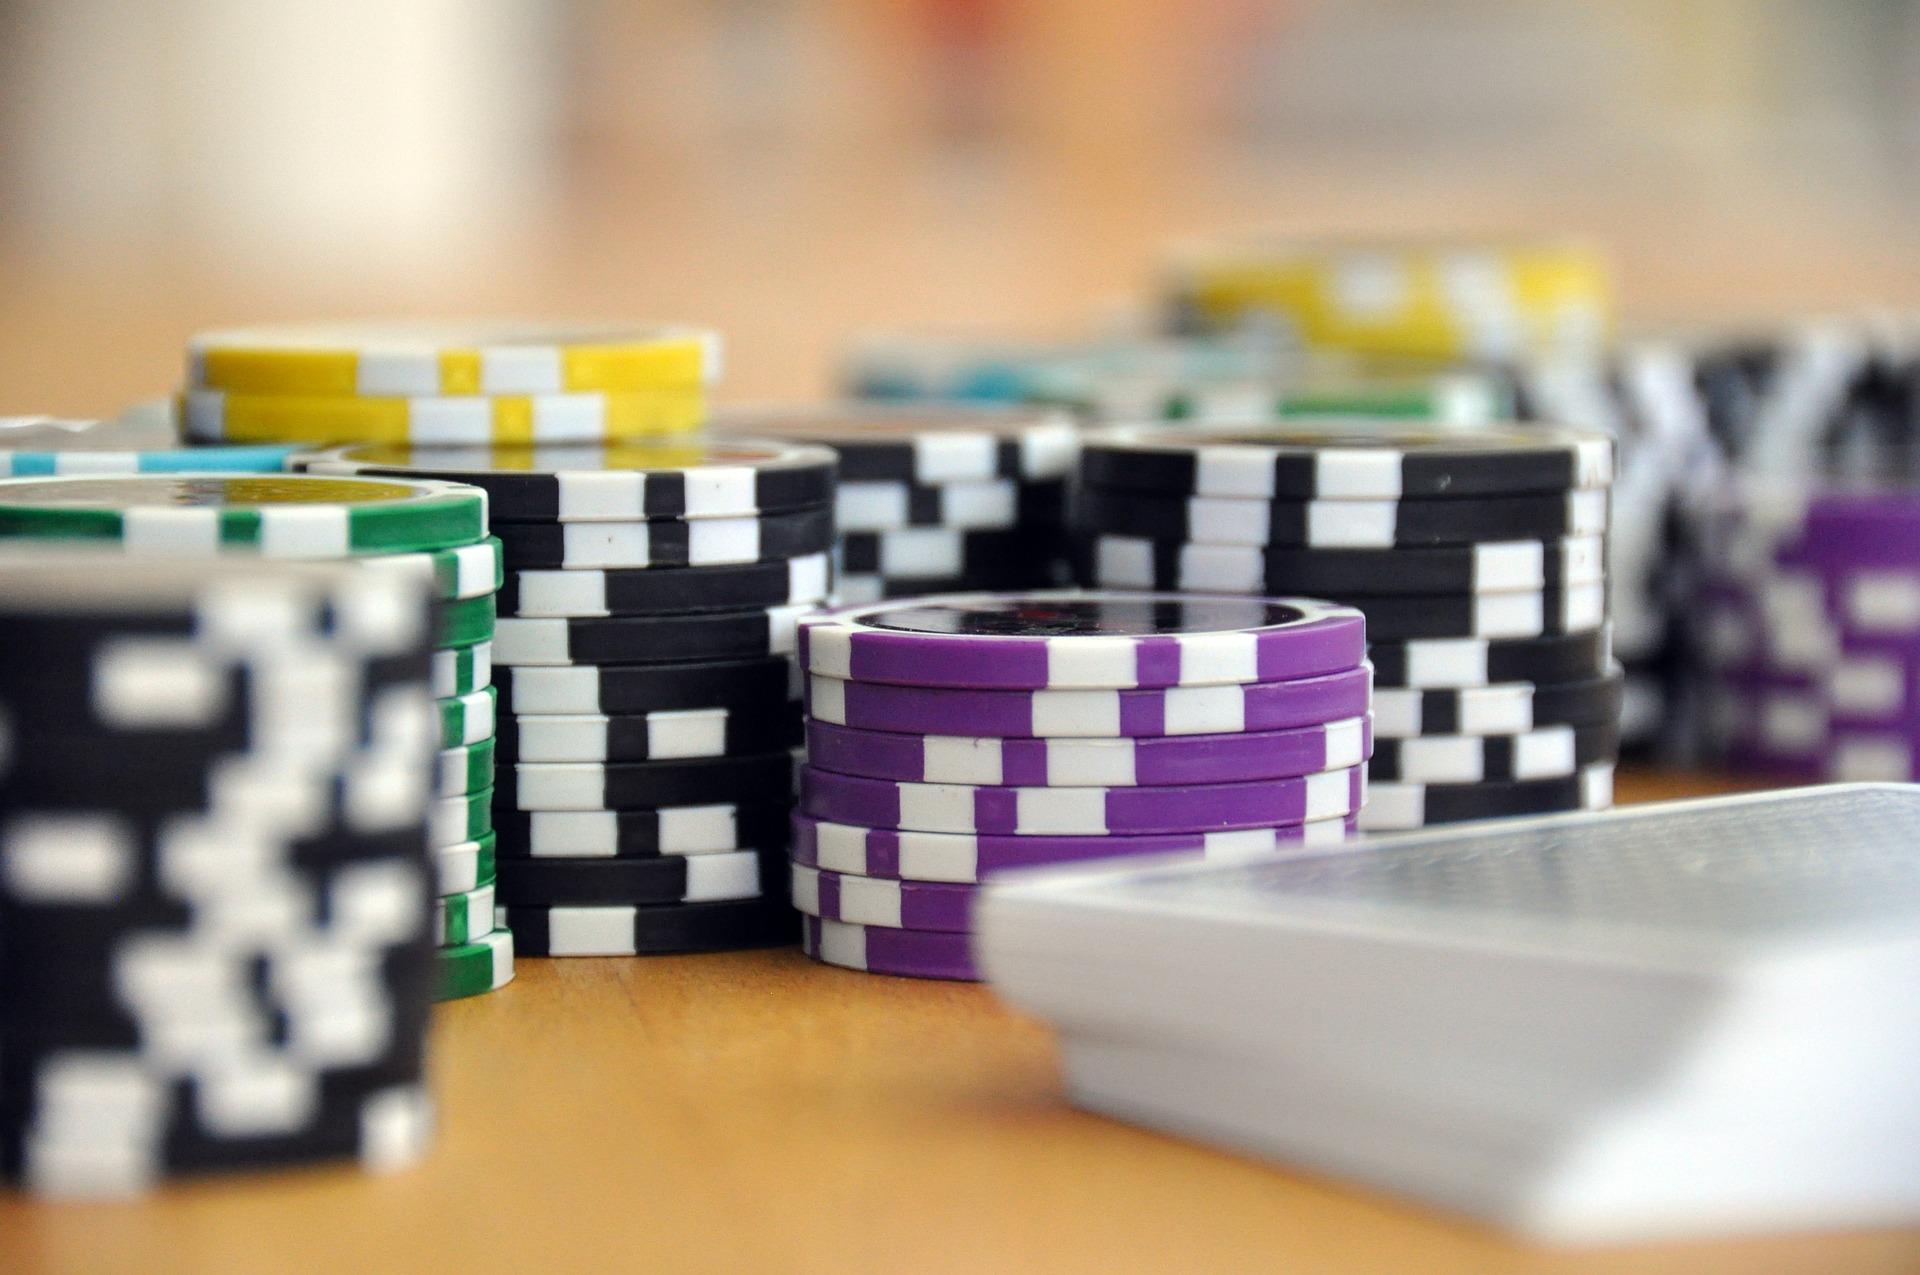 टैब्स, खेल, कैसीनो, पत्र, पोकर - HD वॉलपेपर - प्रोफेसर-falken.com